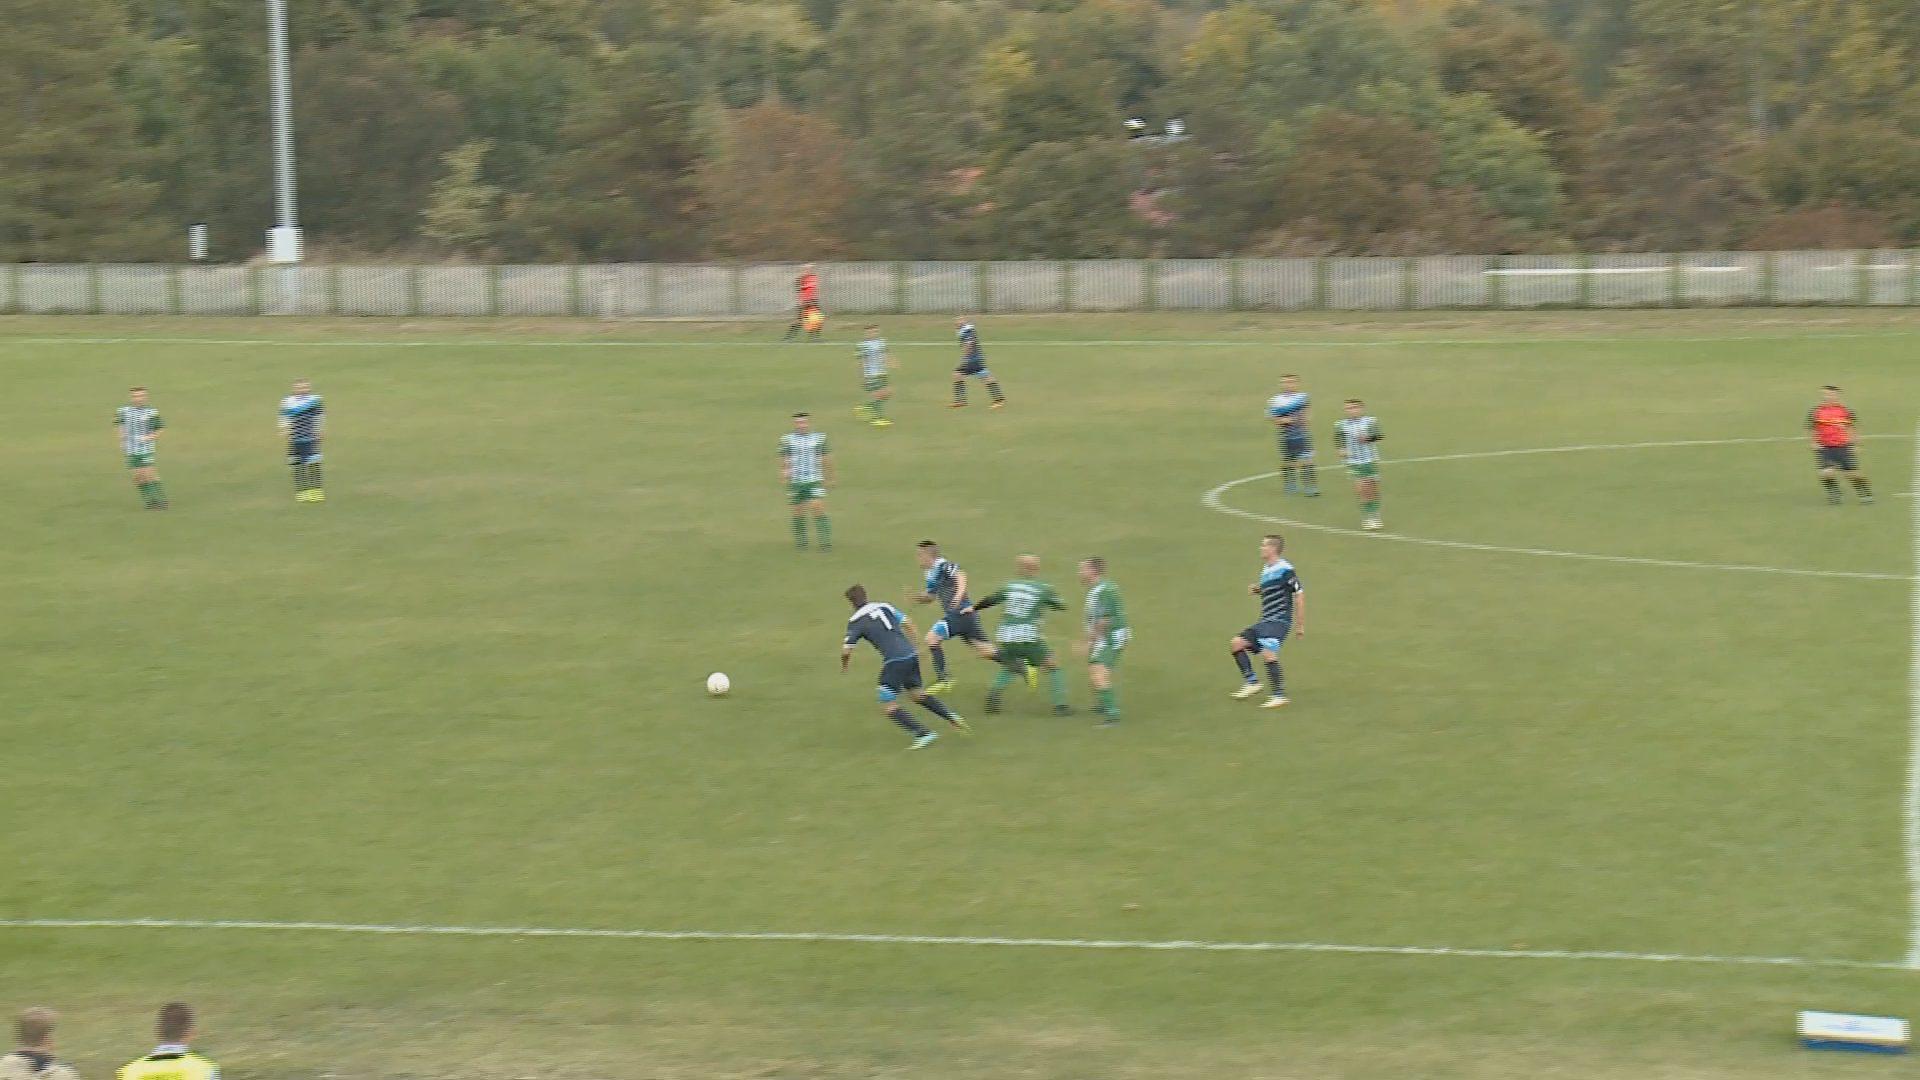 Negyedik rátóti futball vereség